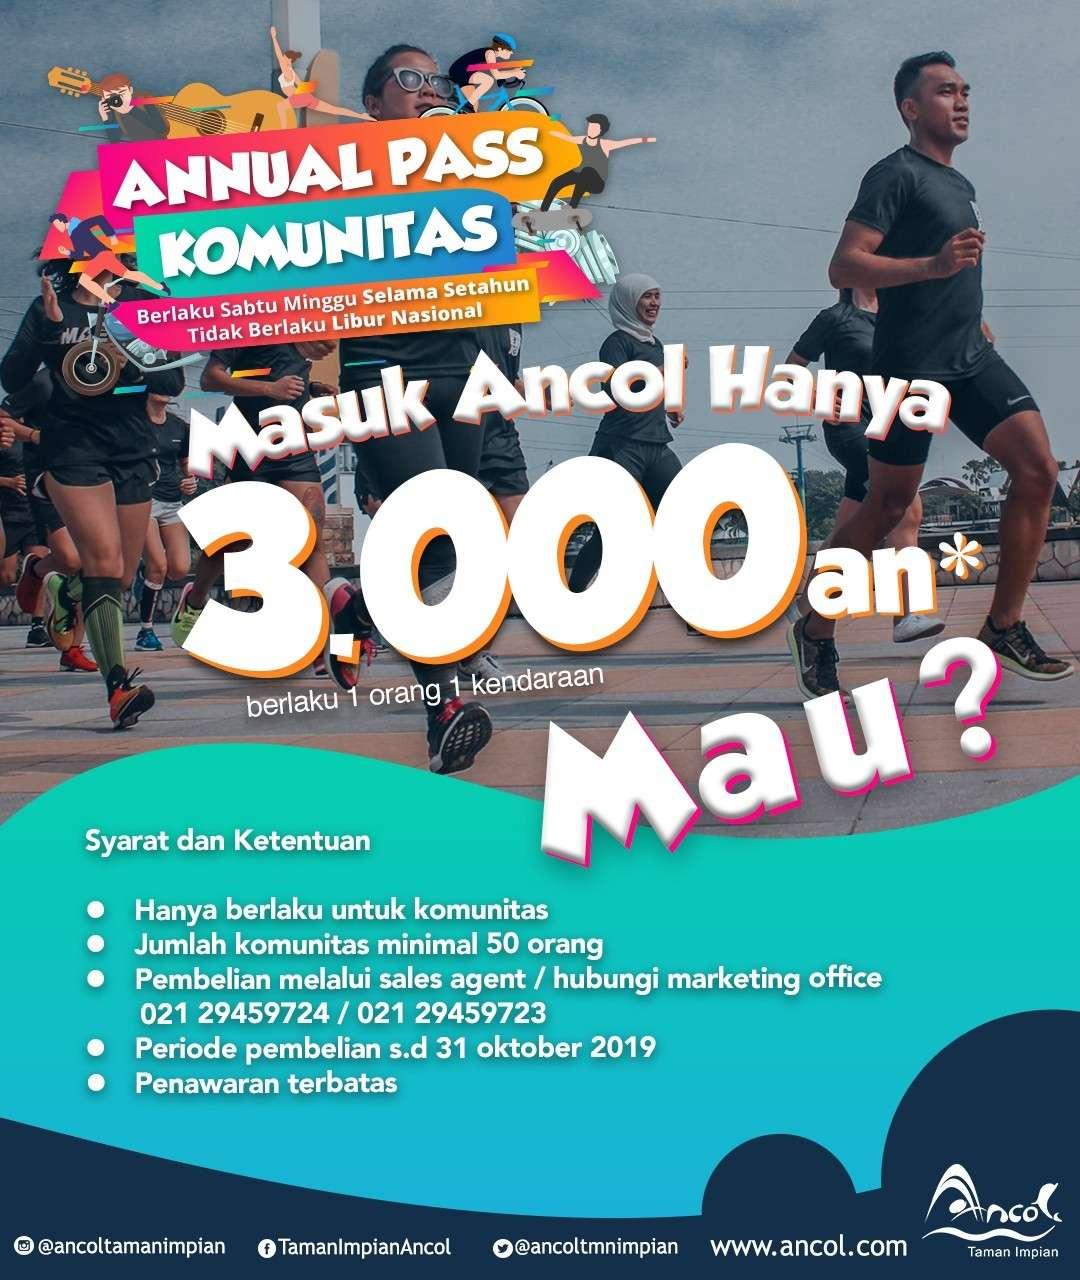 ANCOL TAMAN IMPIAN Promo Annual Pass Komunitas, Hanya mulai Rp. 3.000 per orang